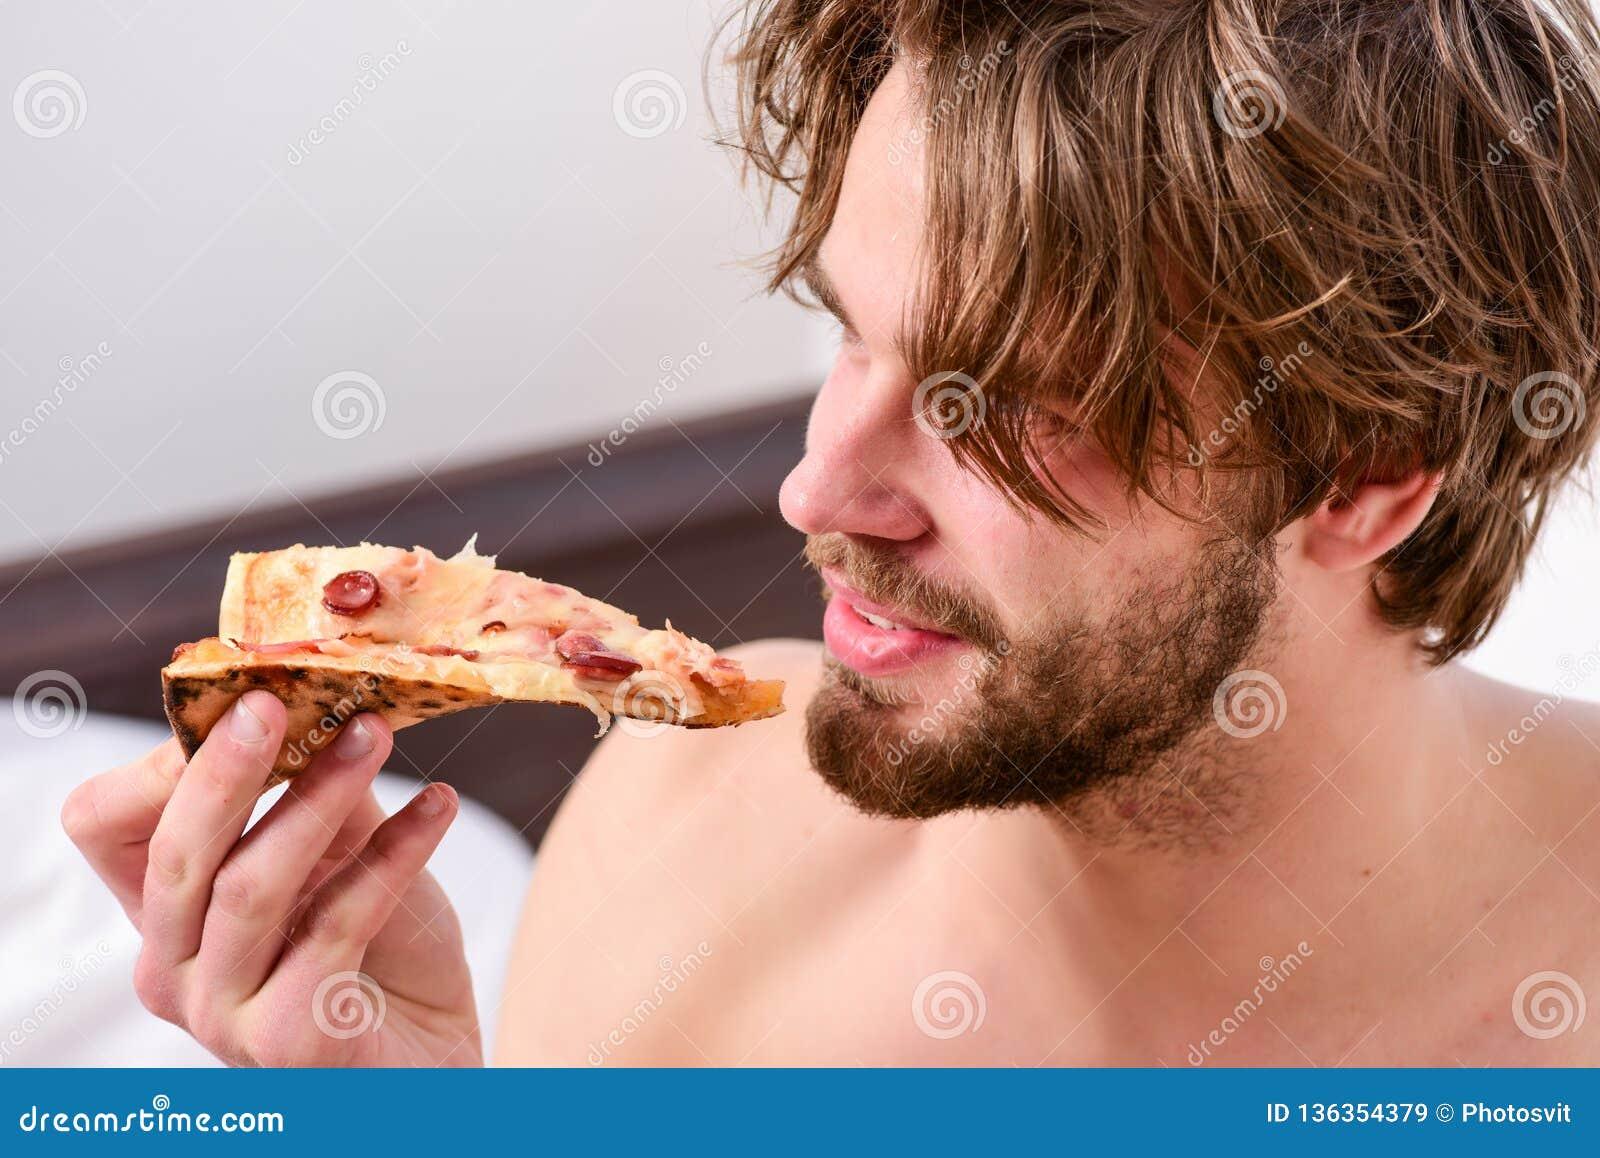 食物送货业务 性感的人吃说谎在床上的比萨 在家休息与裸体和比萨的年轻人 吃薄饼